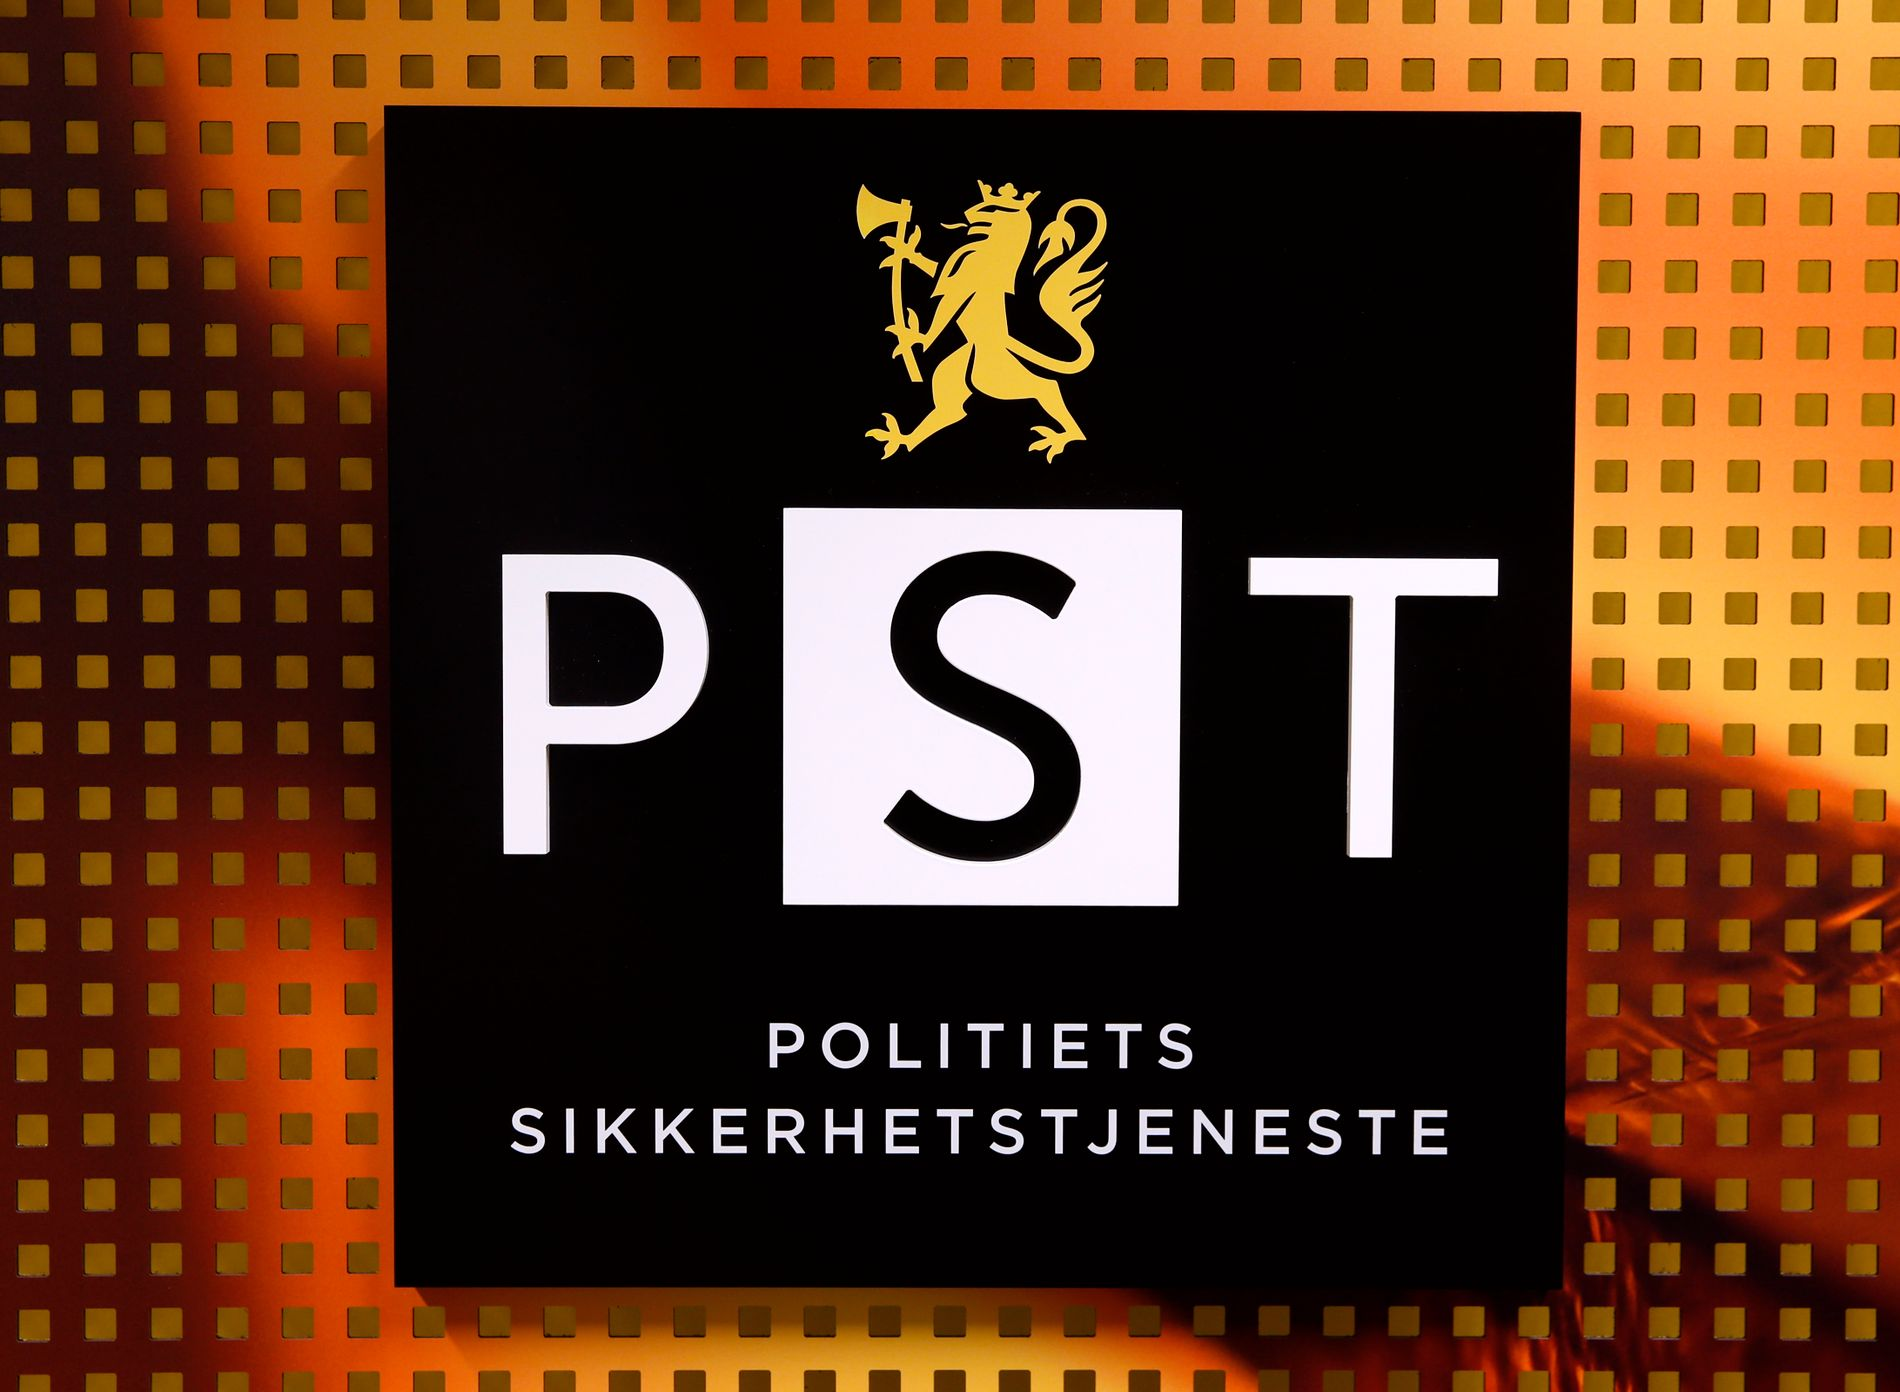 Ifølge PST vil internasjonale nettsider, der også nordmenn er aktive, fortsatt bli brukt til å dele manifester, propaganda og terroranbefalinger av høyreekstrem karakter. Foto: Vidar Ruud / NTB scanpix